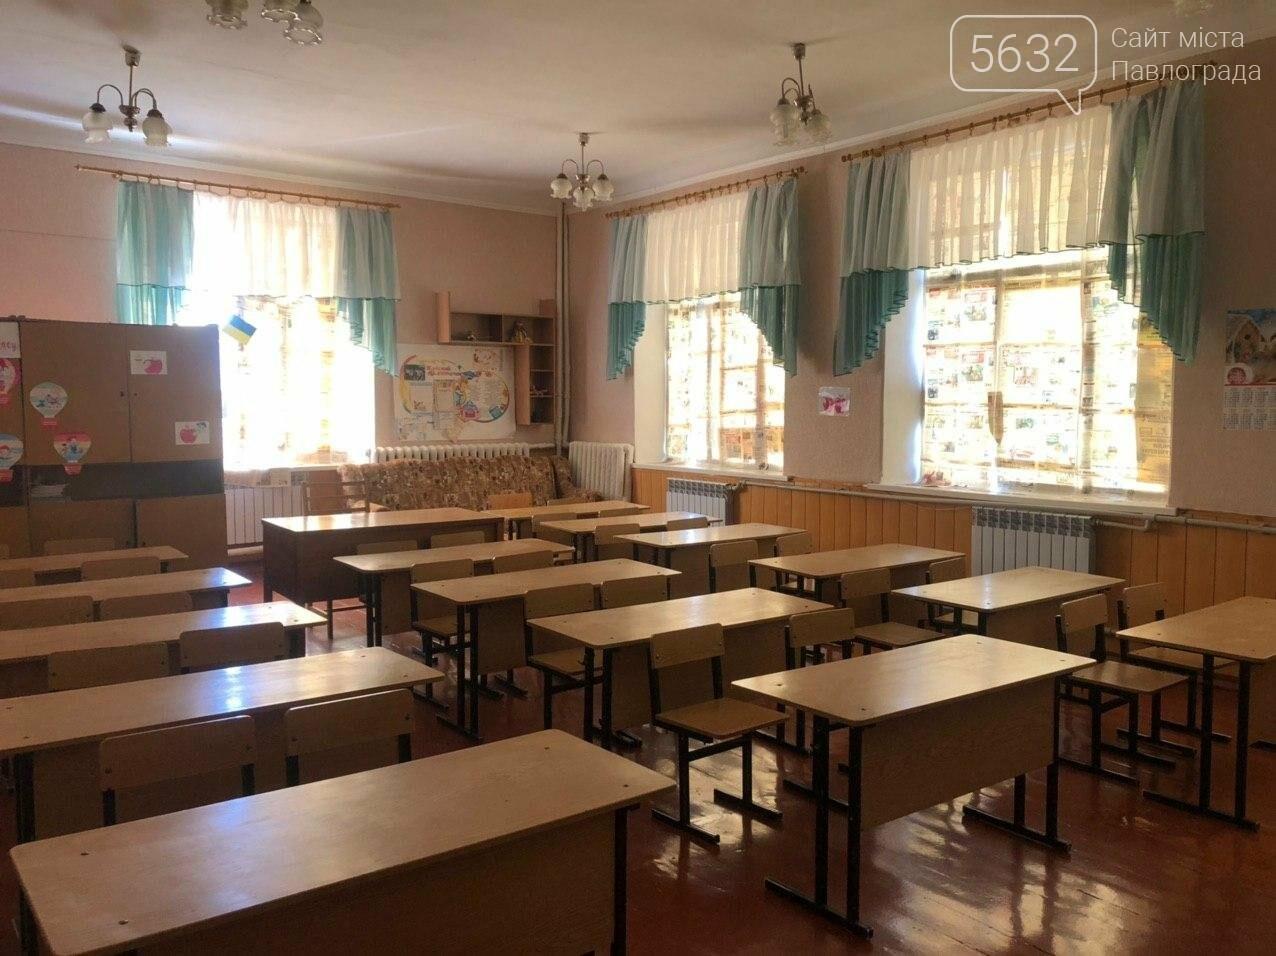 Санитайзеры и медицинские маски: как школы Павлограда готовятся к новому учебному году (ФОТО), фото-26